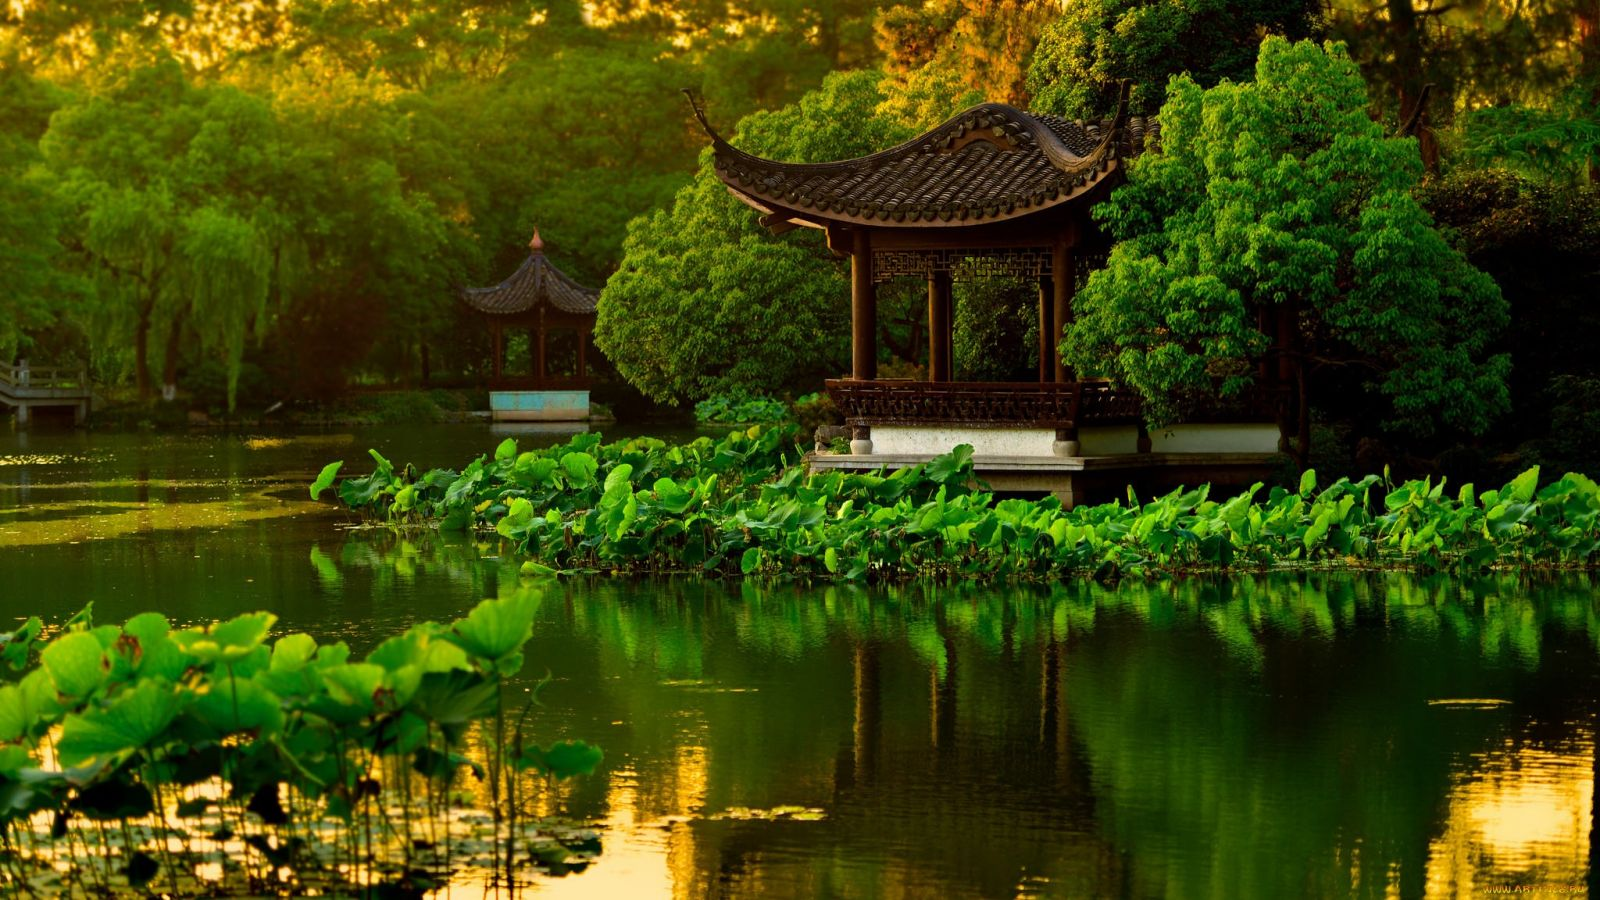 фото в китайском стиле природа что сладкая